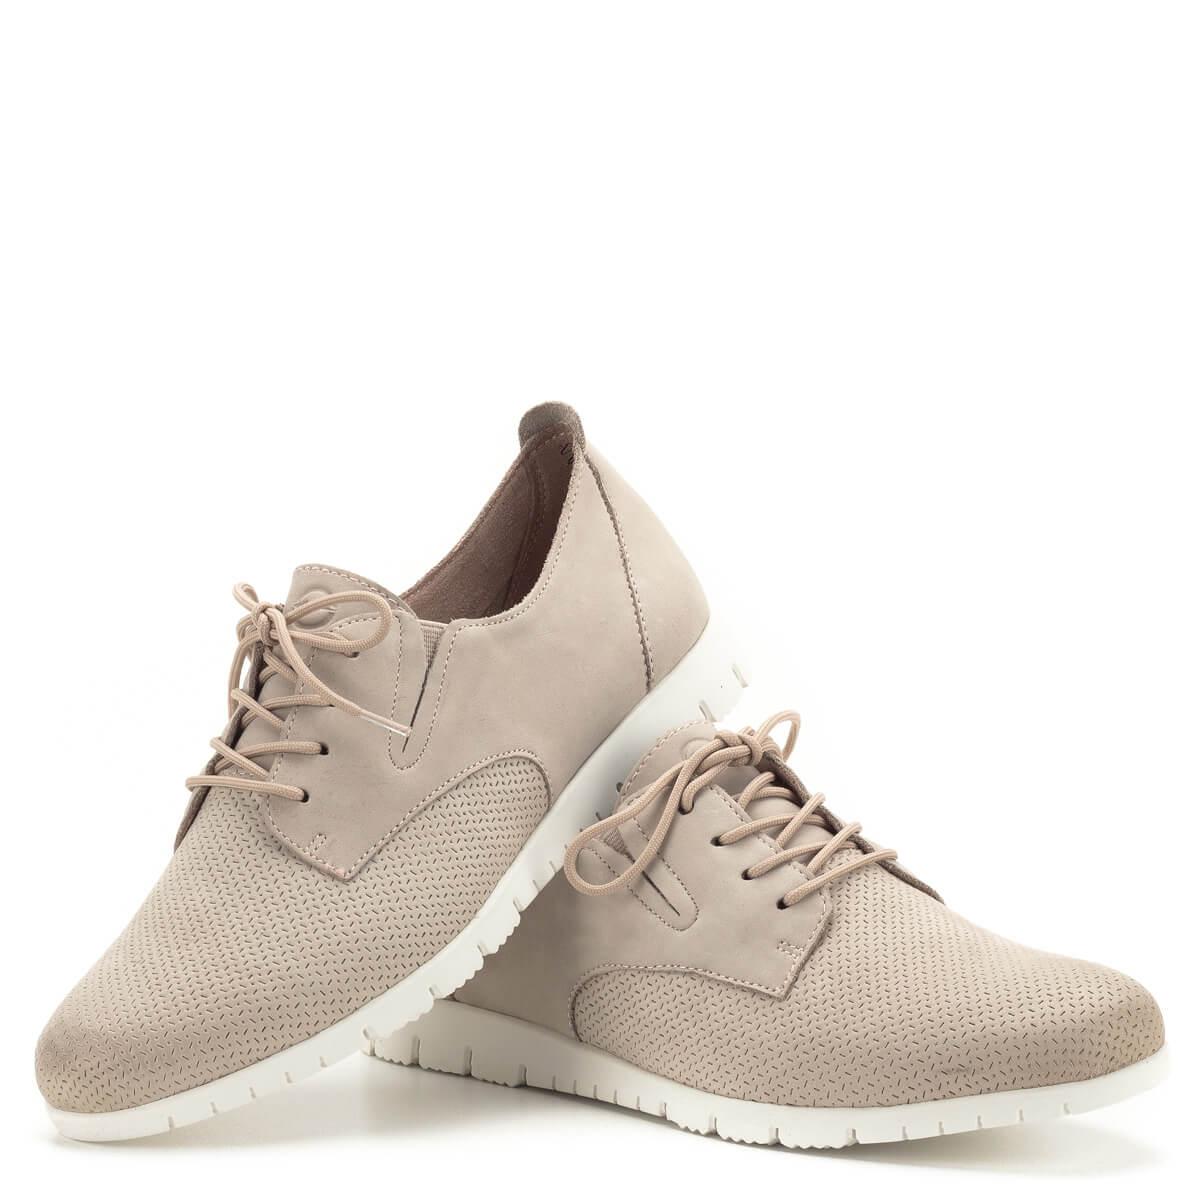 ... Tamaris cipő púder rózsaszín színben 5bfd866b05